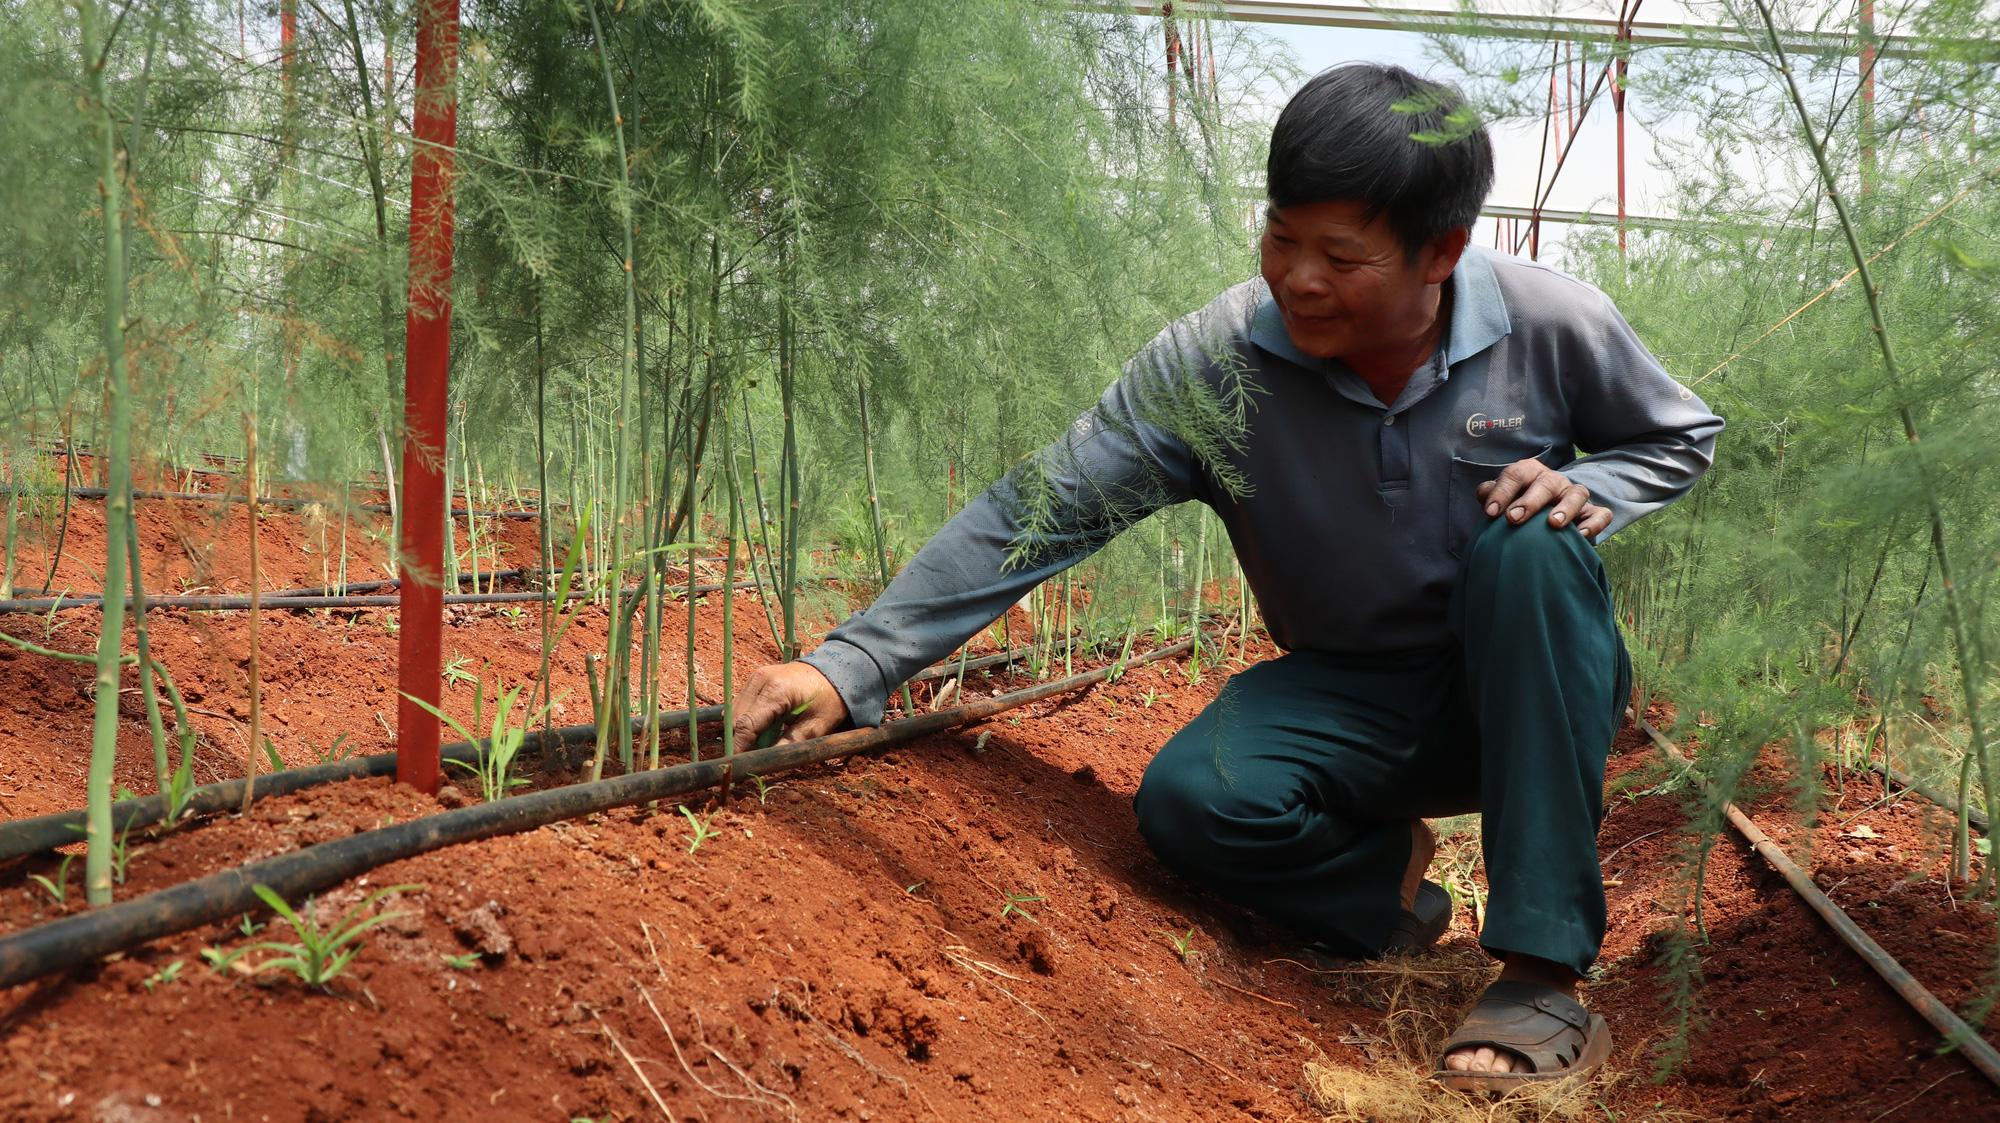 Đánh liều phá cà phê trồng măng tây, mỗi ngày thu 400kg, bán cho thương lái 60.000 đồng/kg - Ảnh 2.